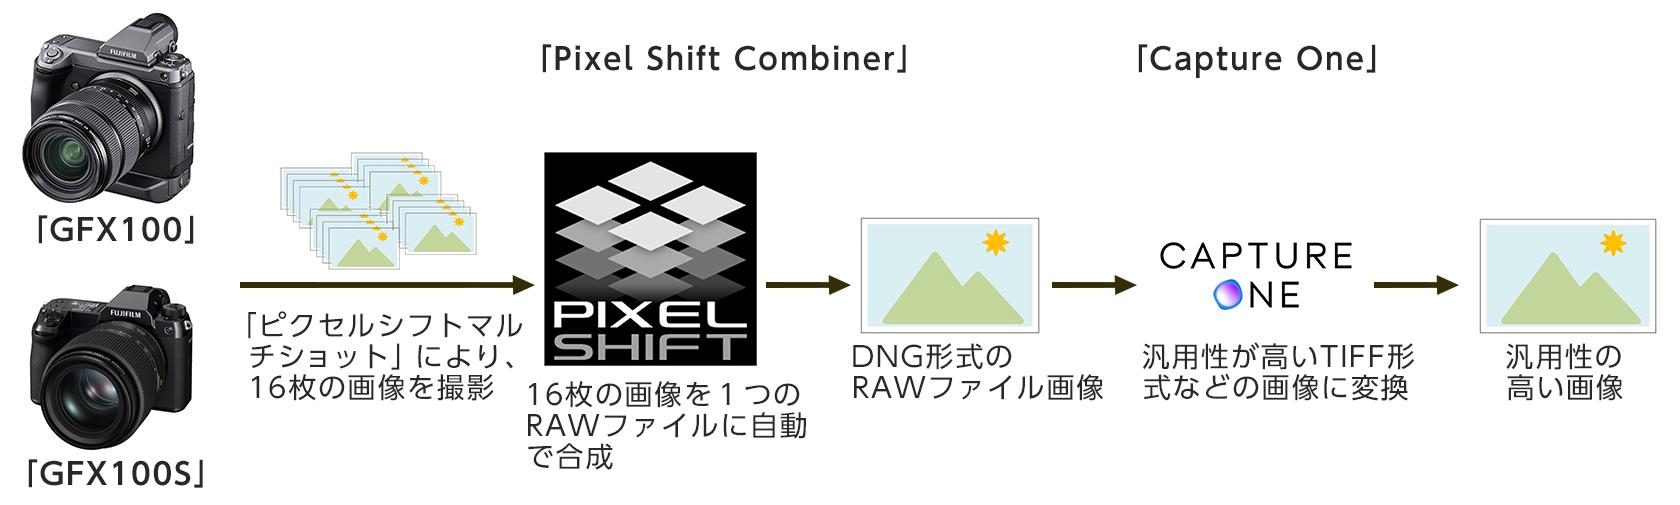 [画像]「ピクセルシフトマルチショット」を用いたデジタルアーカイブのワークフロー